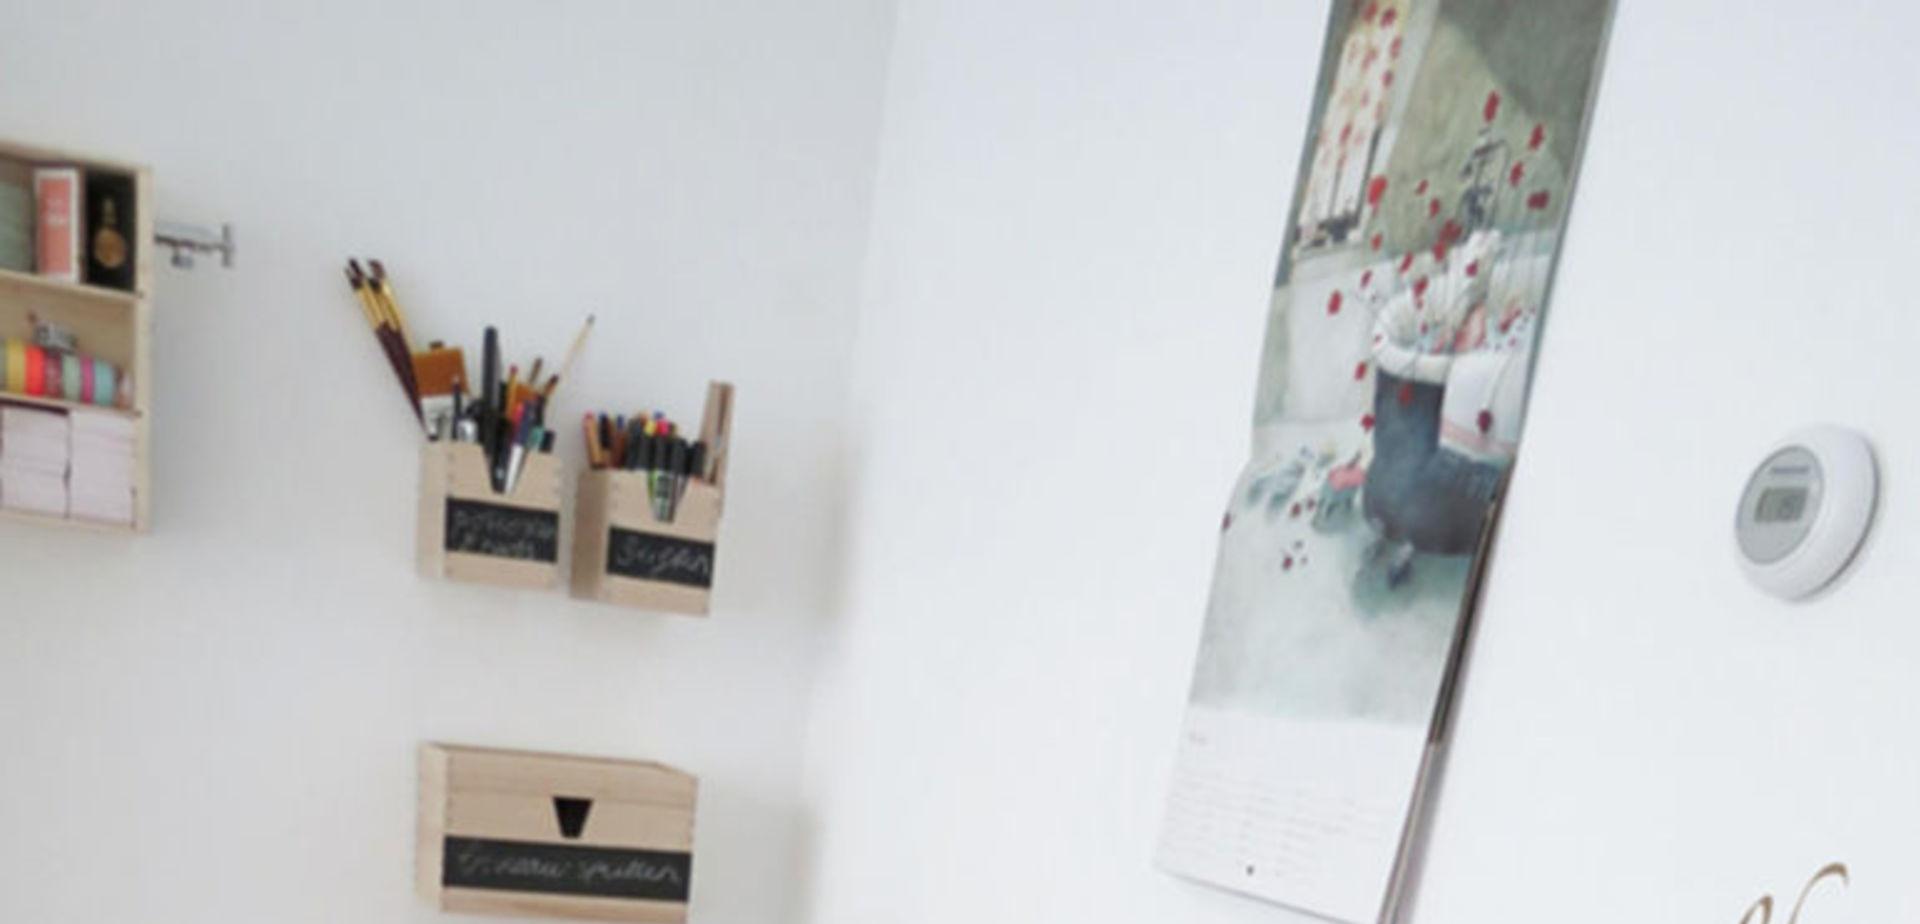 Bureau Maken Van Ikea Ladeblokken Steigerhout